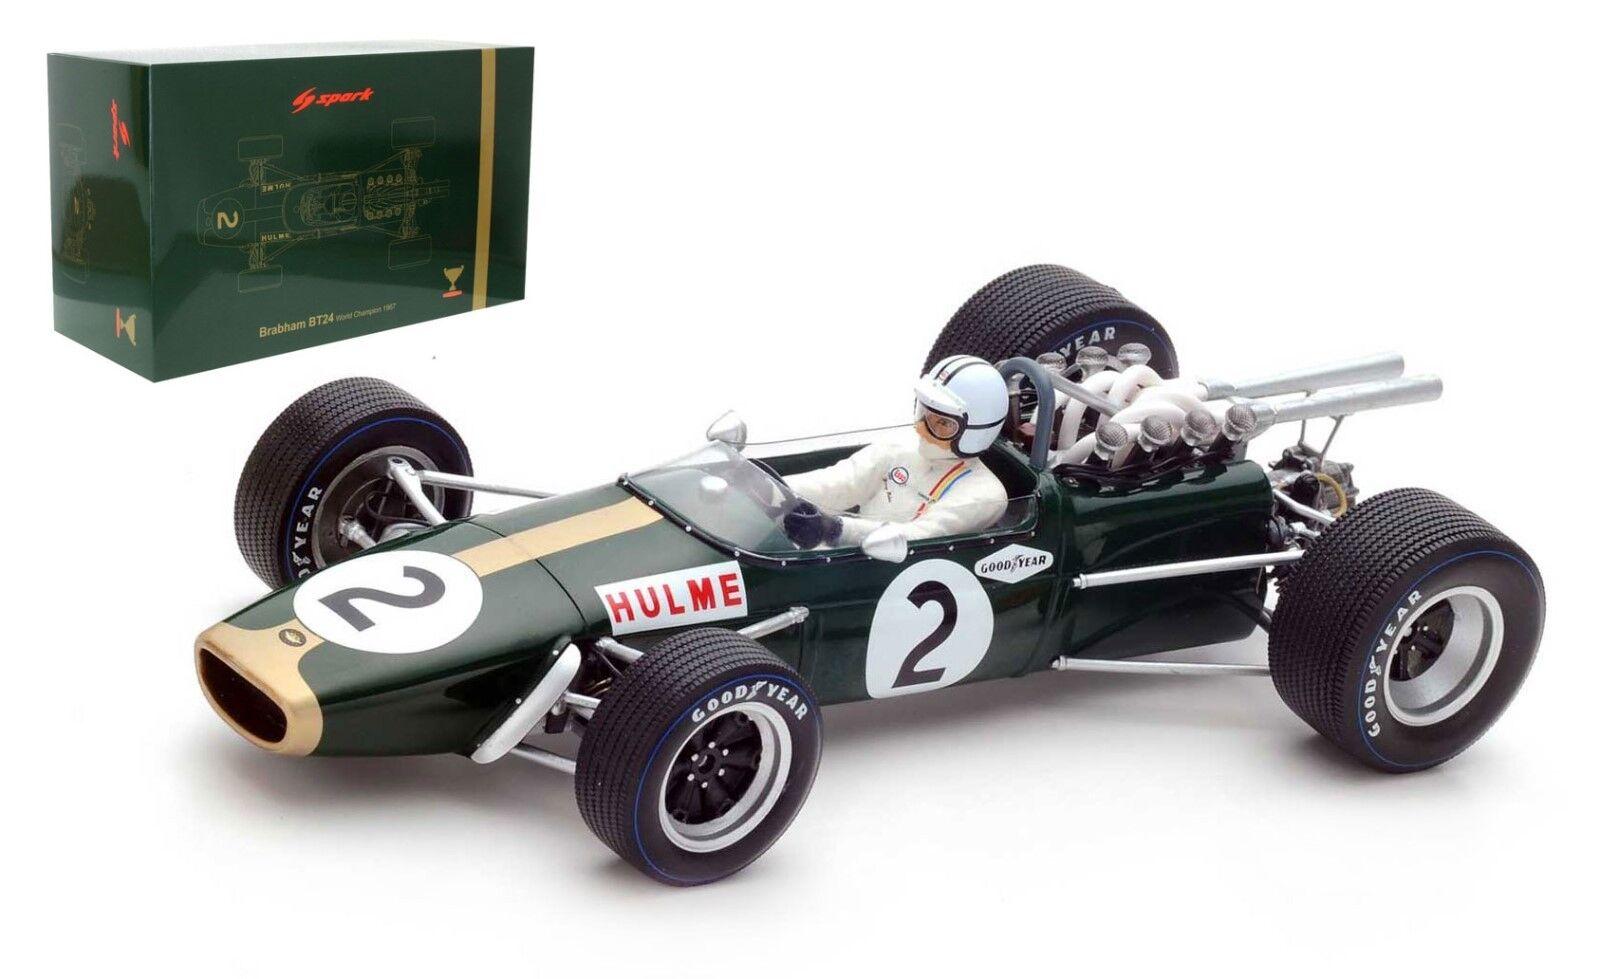 Spark 18S224 Brabham BT24 Mexico GP 1967 World Champion - Denny Hulme 1 18 Scale